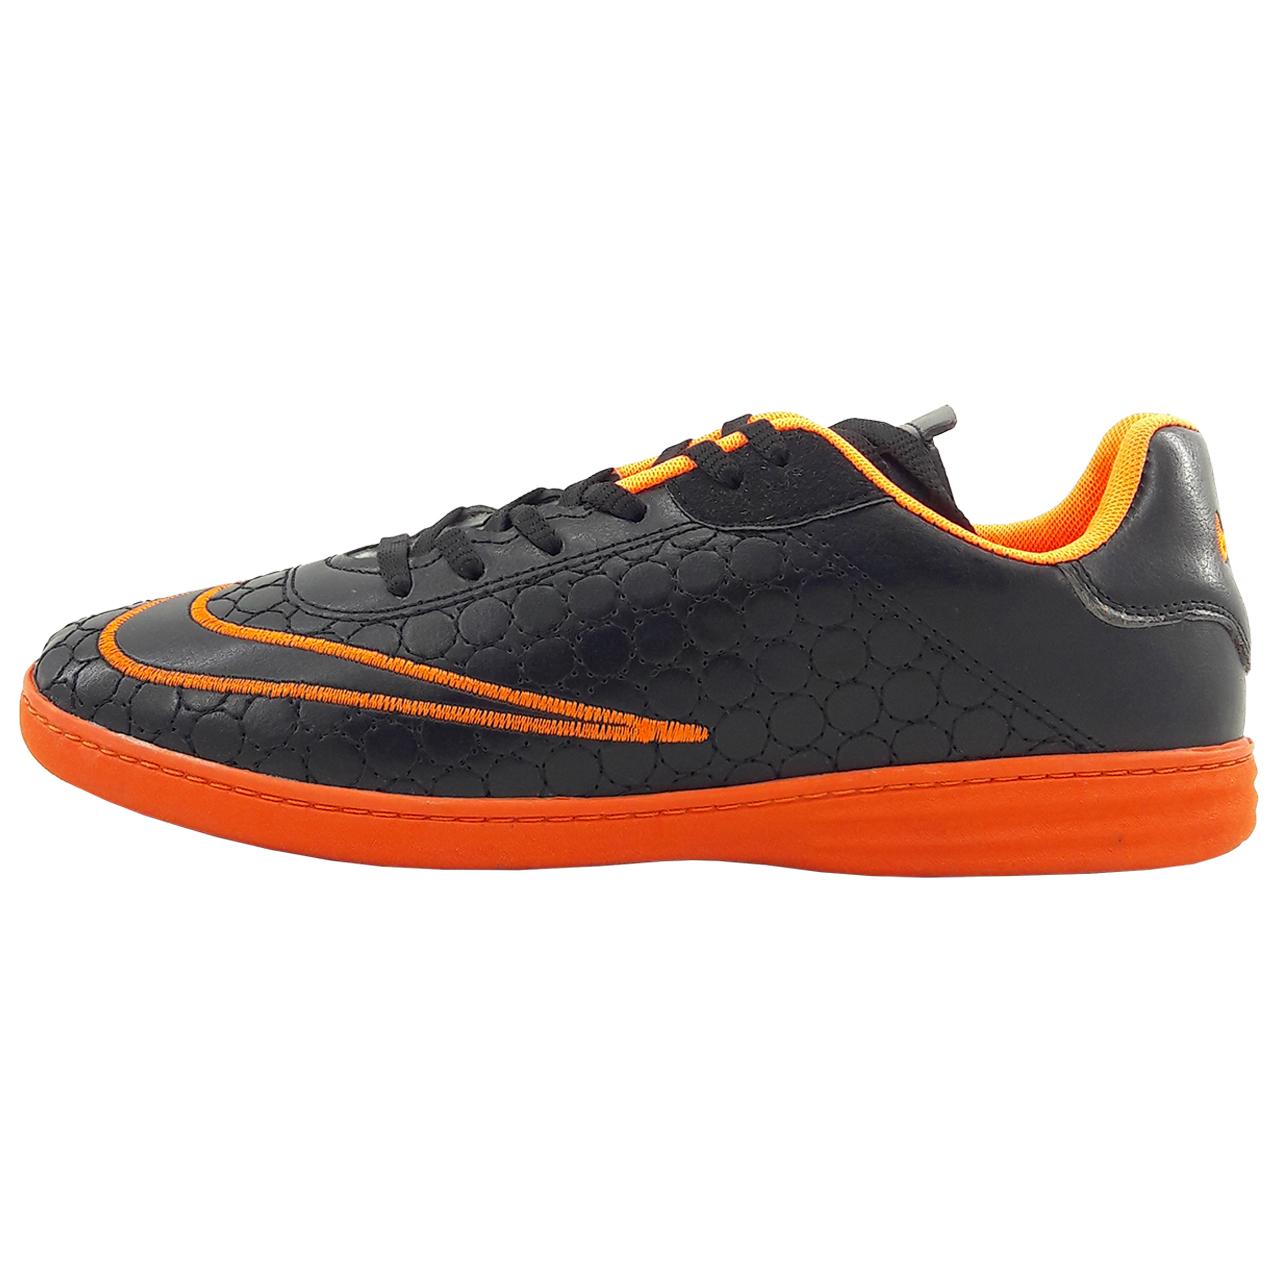 قیمت کفش فوتسال مردانه مدل Magista x.tkn.bl.org-01